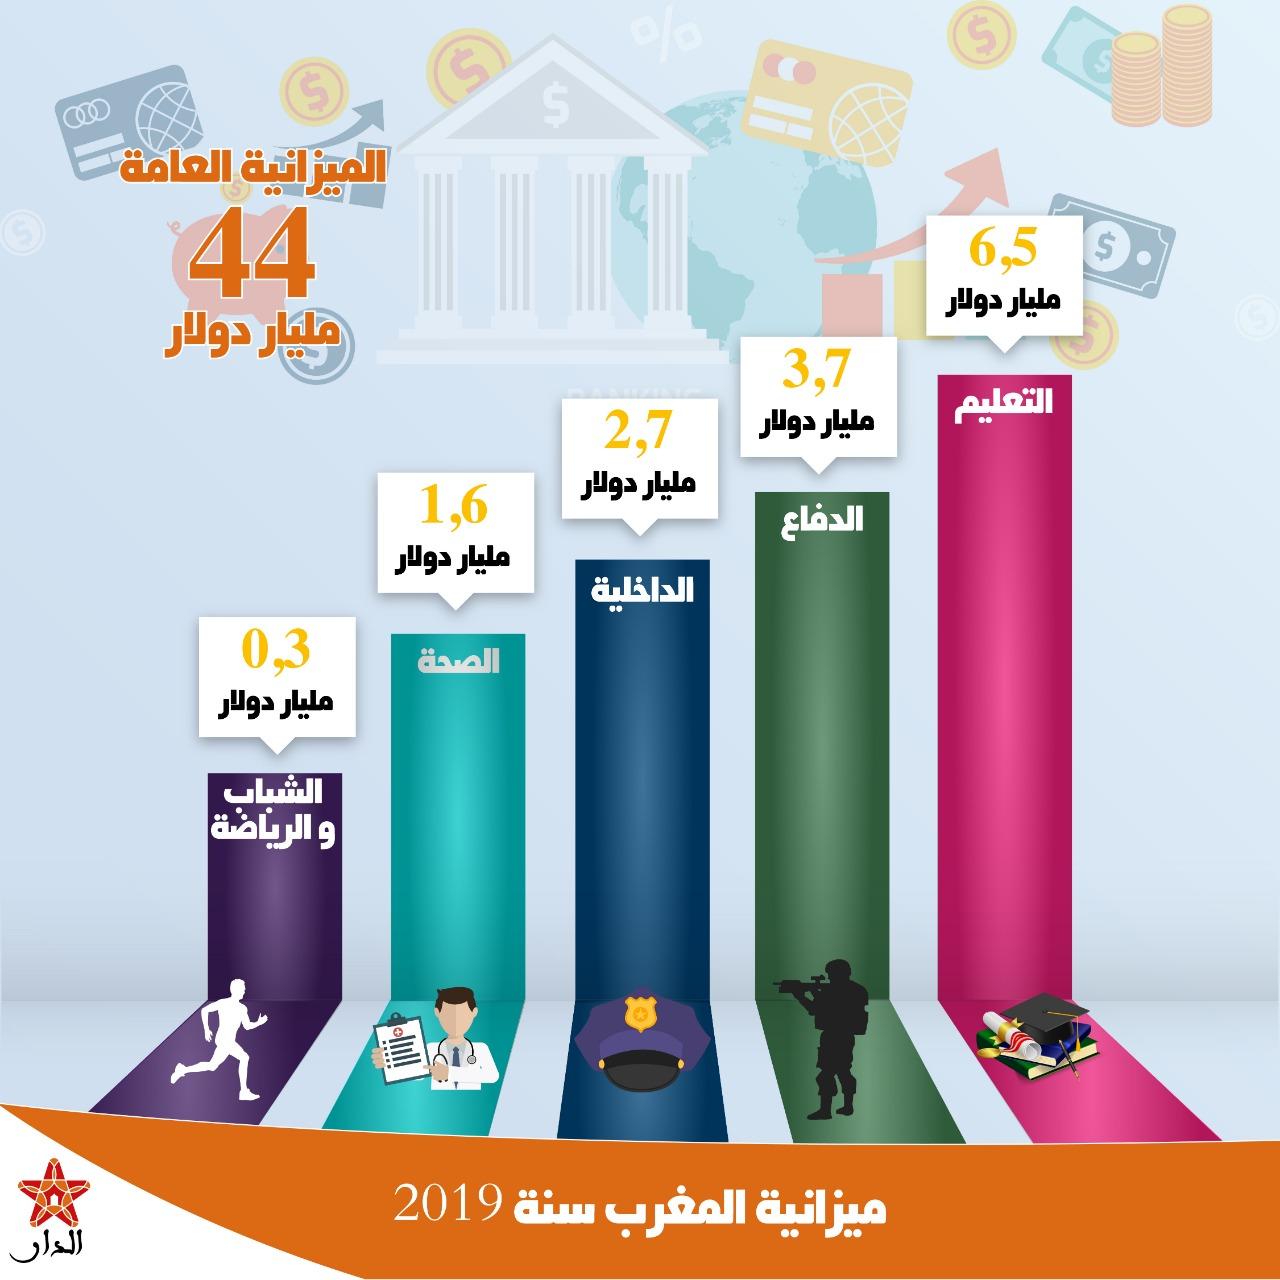 Photo of إنفوغرافيك.. توزيع ميزانية المغرب سنة 2019